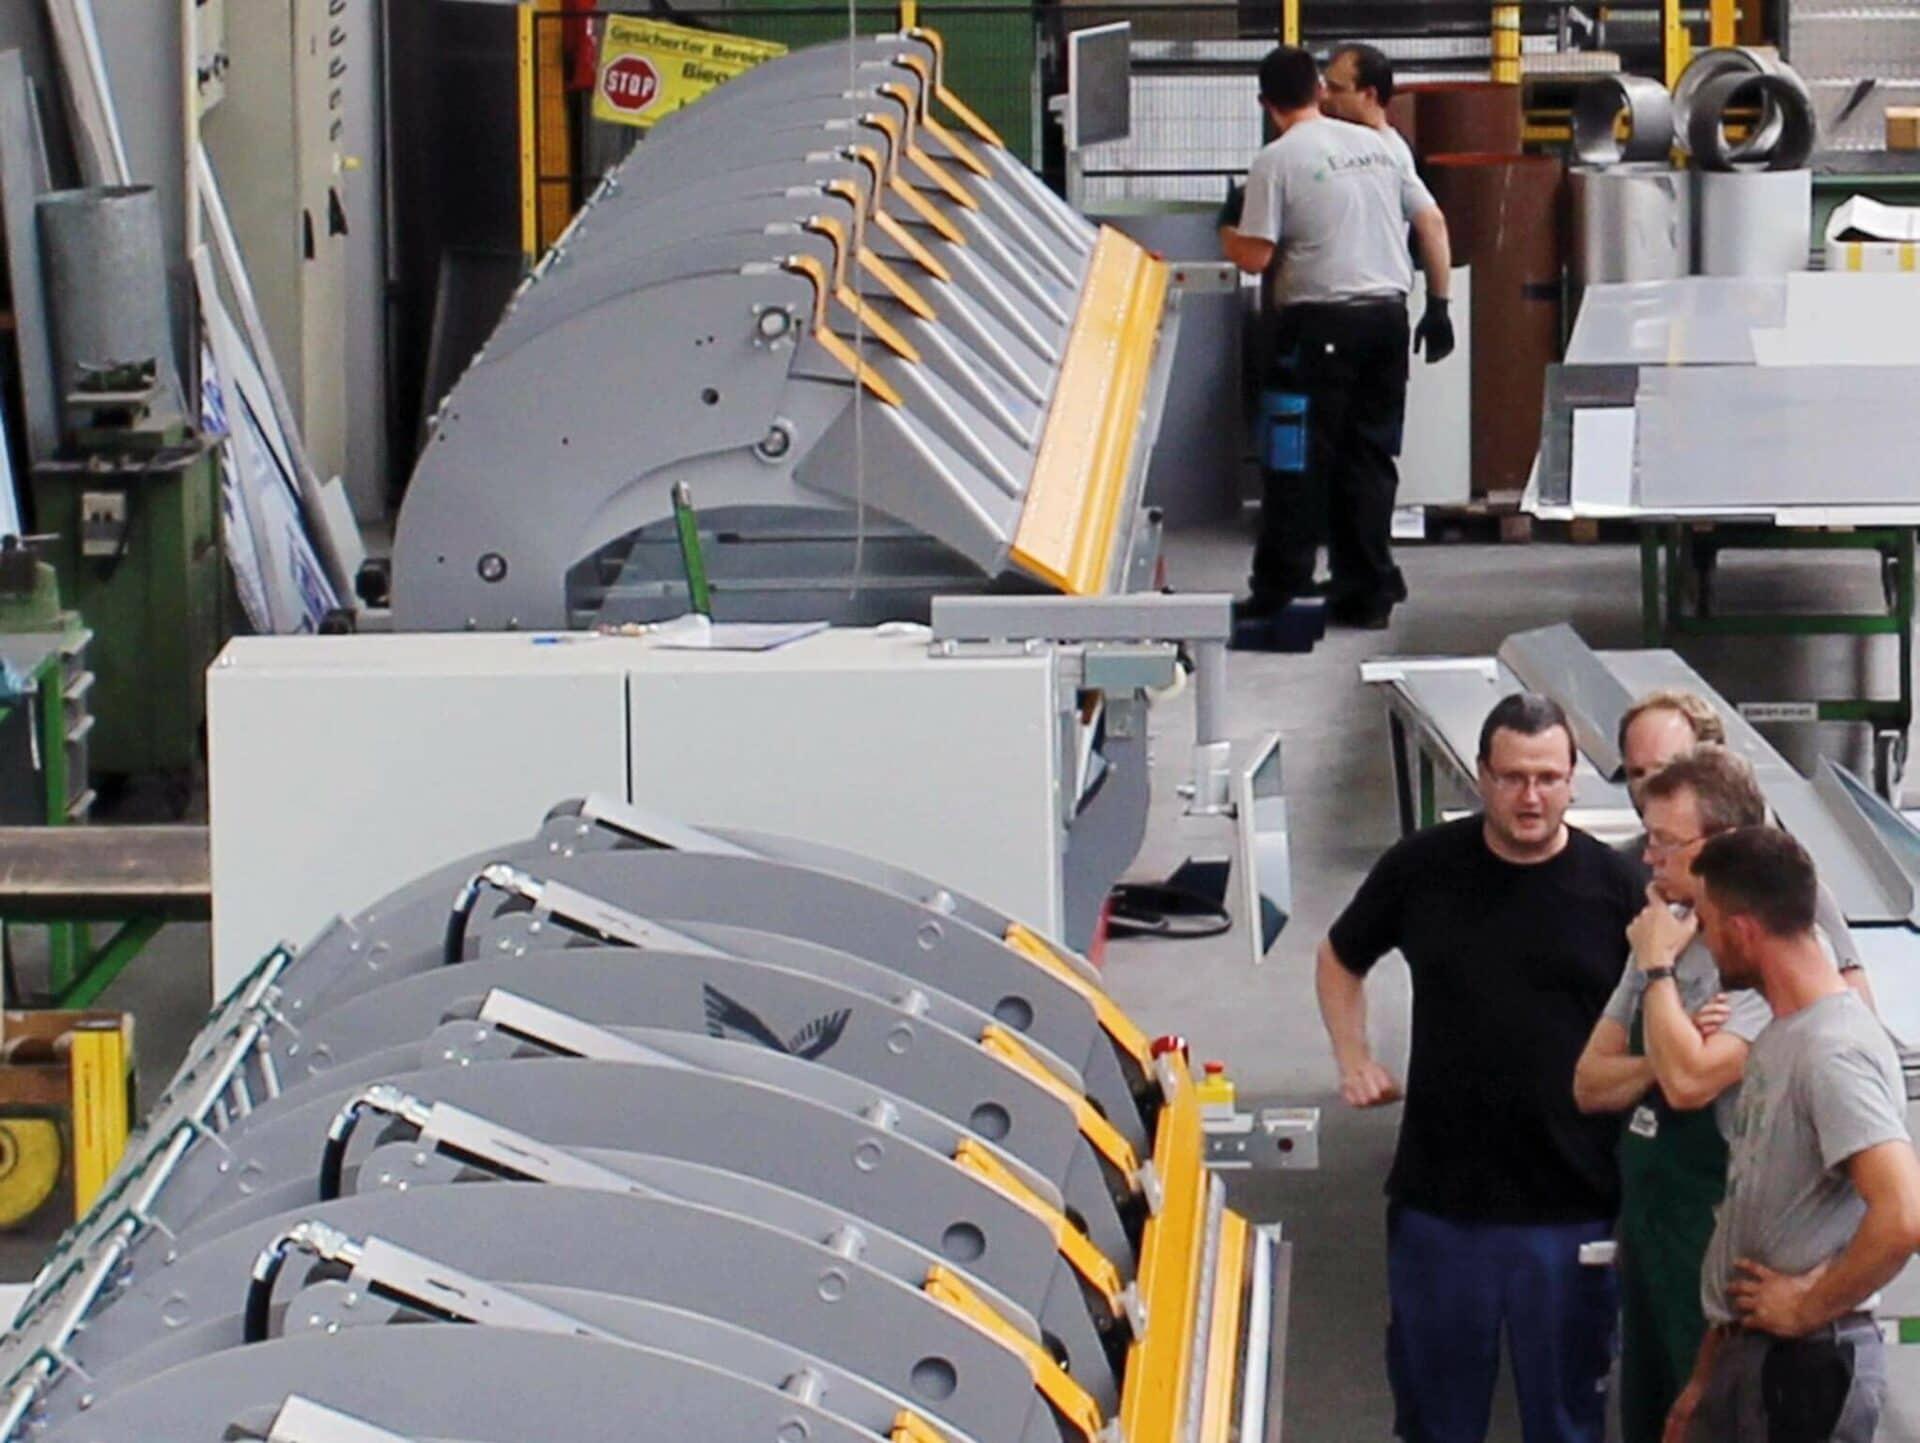 AUFGERÜSTET:Die Gustav Barth GmbH setzt auf den TD Doppelbieger und TZ Einfachbieger der Thalmann Maschinenbau AG aus dem schweizerischen Frauenfeld.